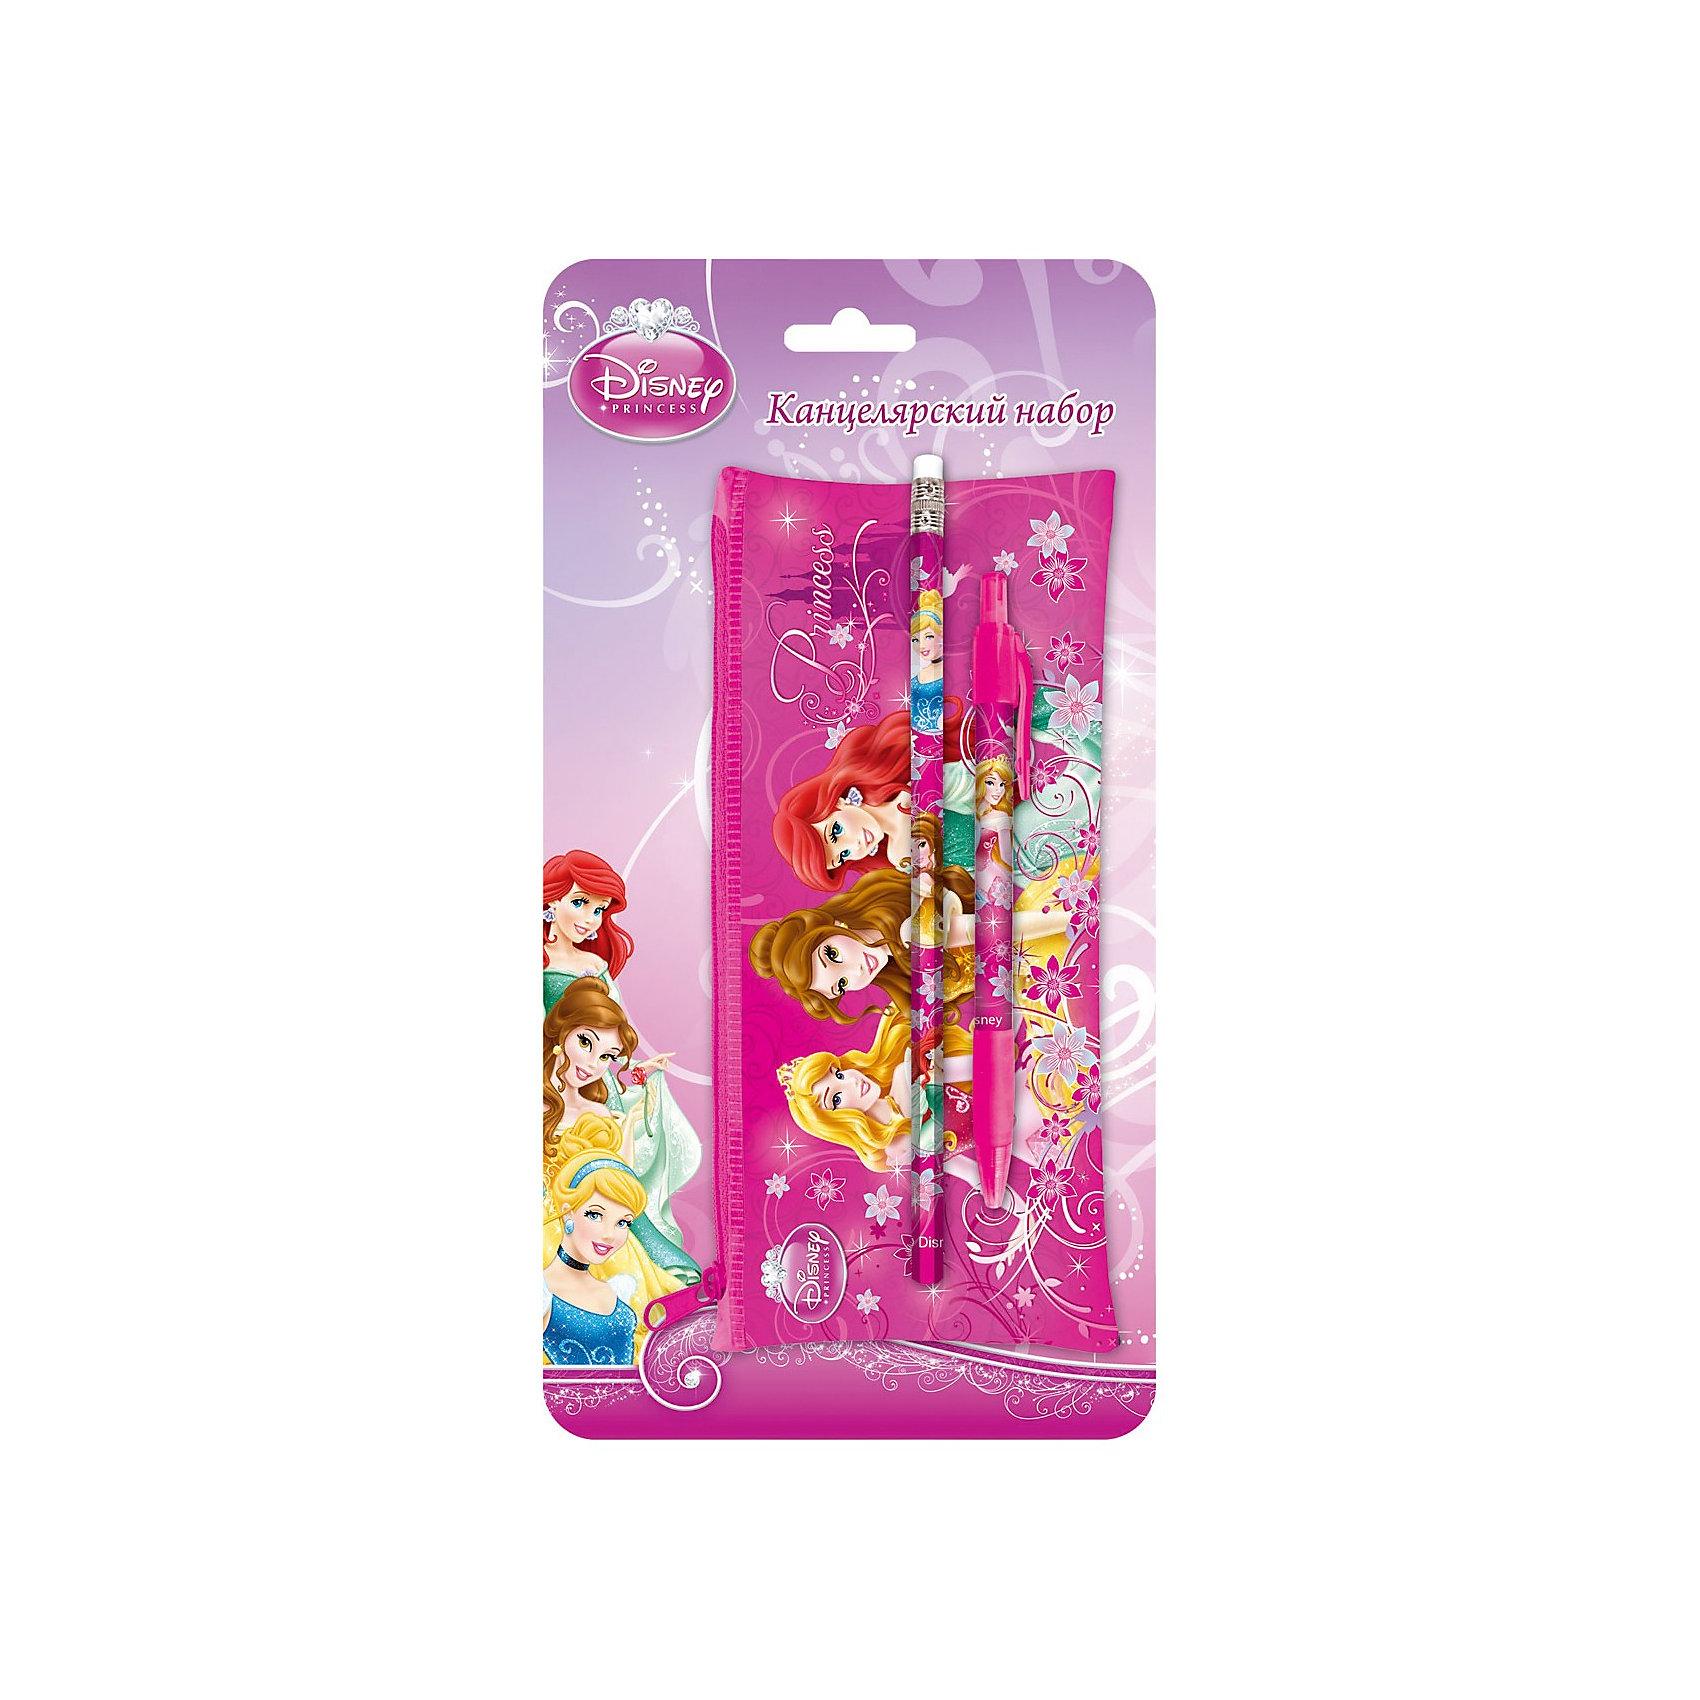 Набор канцелярский с пеналом, Принцессы ДиснейКанцелярский набор в блистере Disney Princess (Принцессы Диснея) порадует маленькую школьницу и сделает ее занятия еще увлекательнее. В комплект входят пластиковый прямоугольный пенал, карандаш ч/г с ластиком и авторучка. Все принадлежности оформлены в розовых тонах с изображениями диснеевских принцесс.<br><br>Дополнительная информация:<br><br>- Материал: пластик.<br>- Размер: 25,5 х 12,5 х 2 см.<br>- Вес: 67 гр.<br><br>Канцелярский набор Disney Princess можно купить в нашем интернет-магазине.<br><br>Ширина мм: 255<br>Глубина мм: 125<br>Высота мм: 20<br>Вес г: 67<br>Возраст от месяцев: 60<br>Возраст до месяцев: 96<br>Пол: Женский<br>Возраст: Детский<br>SKU: 3562905